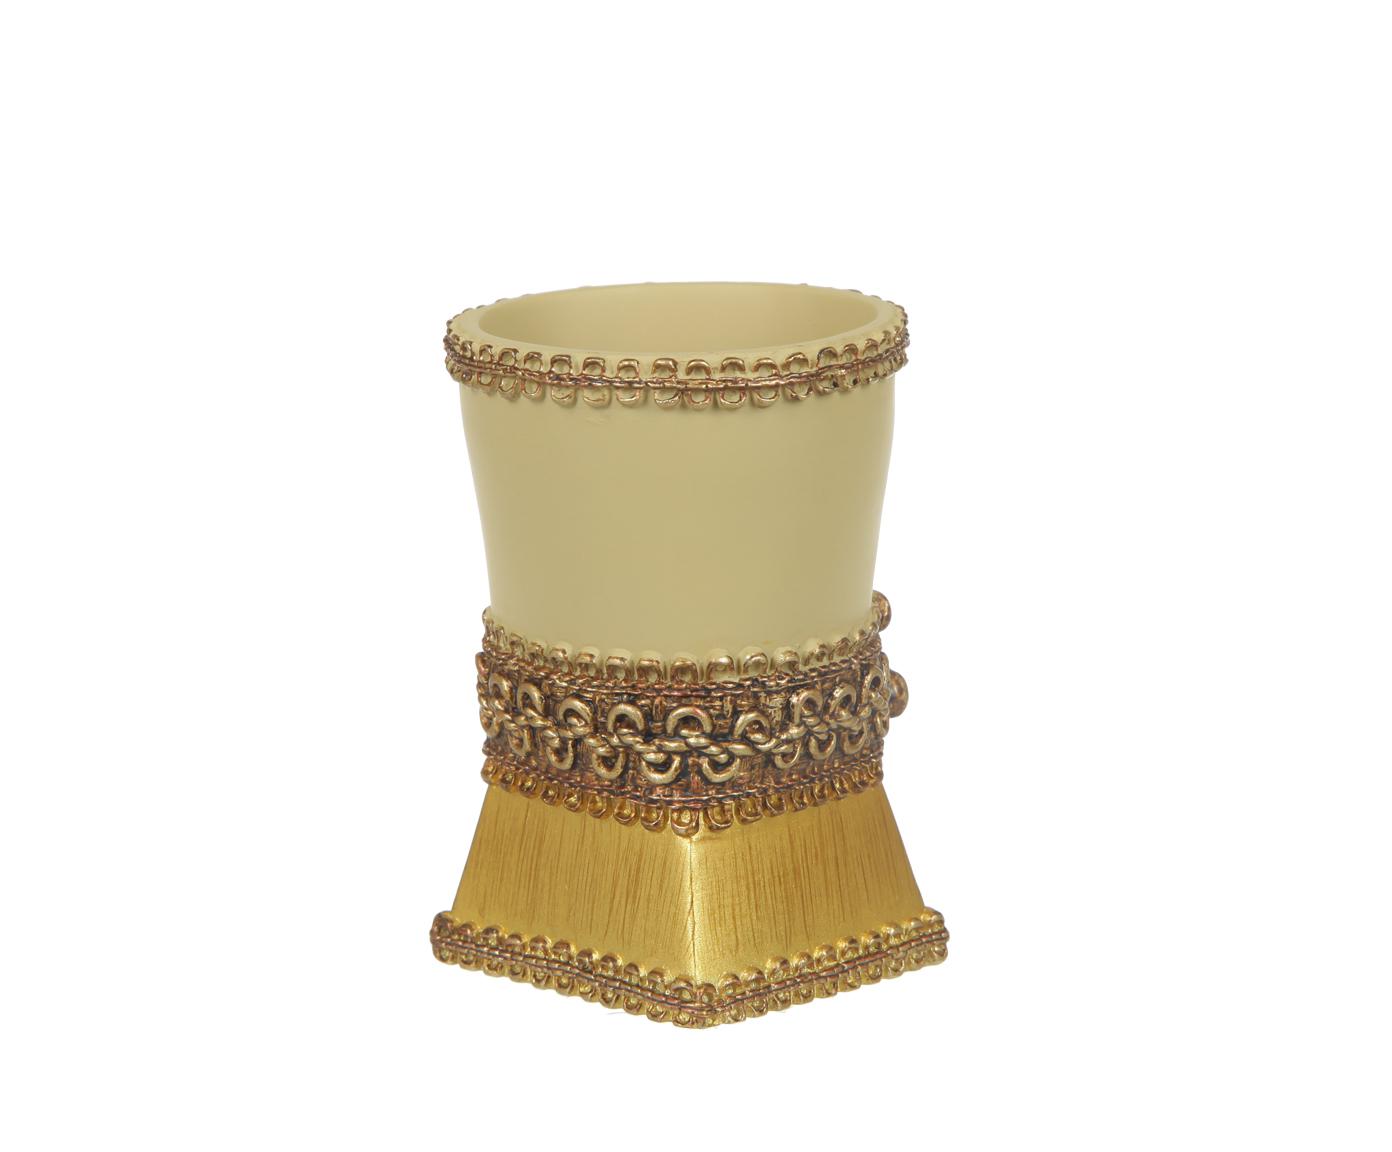 Стаканы для пасты Стакан для зубной пасты Braided Medallion от Avanti stakan-dlya-zubnoy-pasty-braided-medallion-ot-avanti-ssha-kitay.jpg